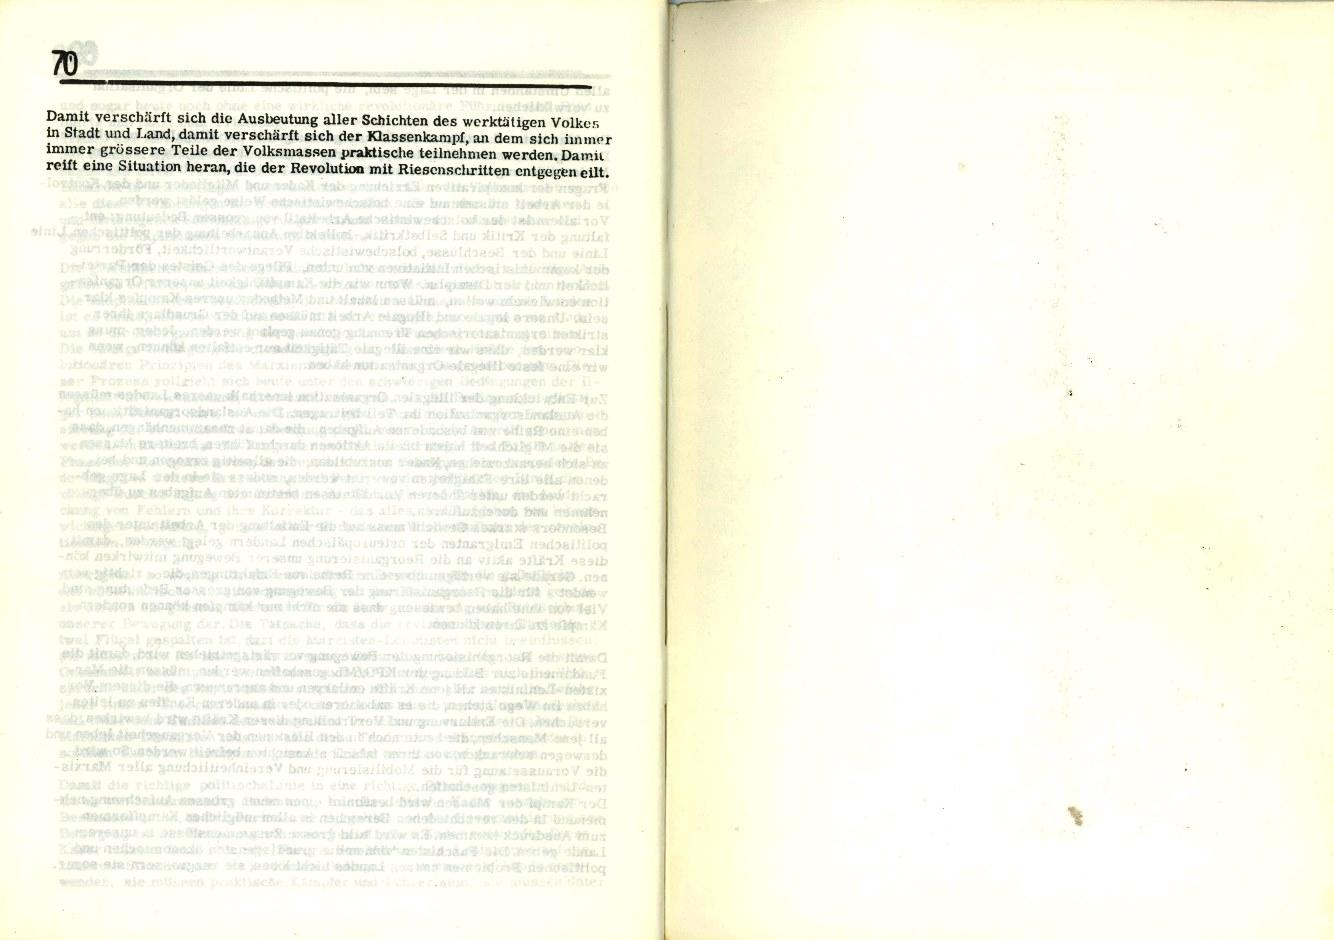 Griechenland_Griechische_ML_1971_Dokumente_01_36